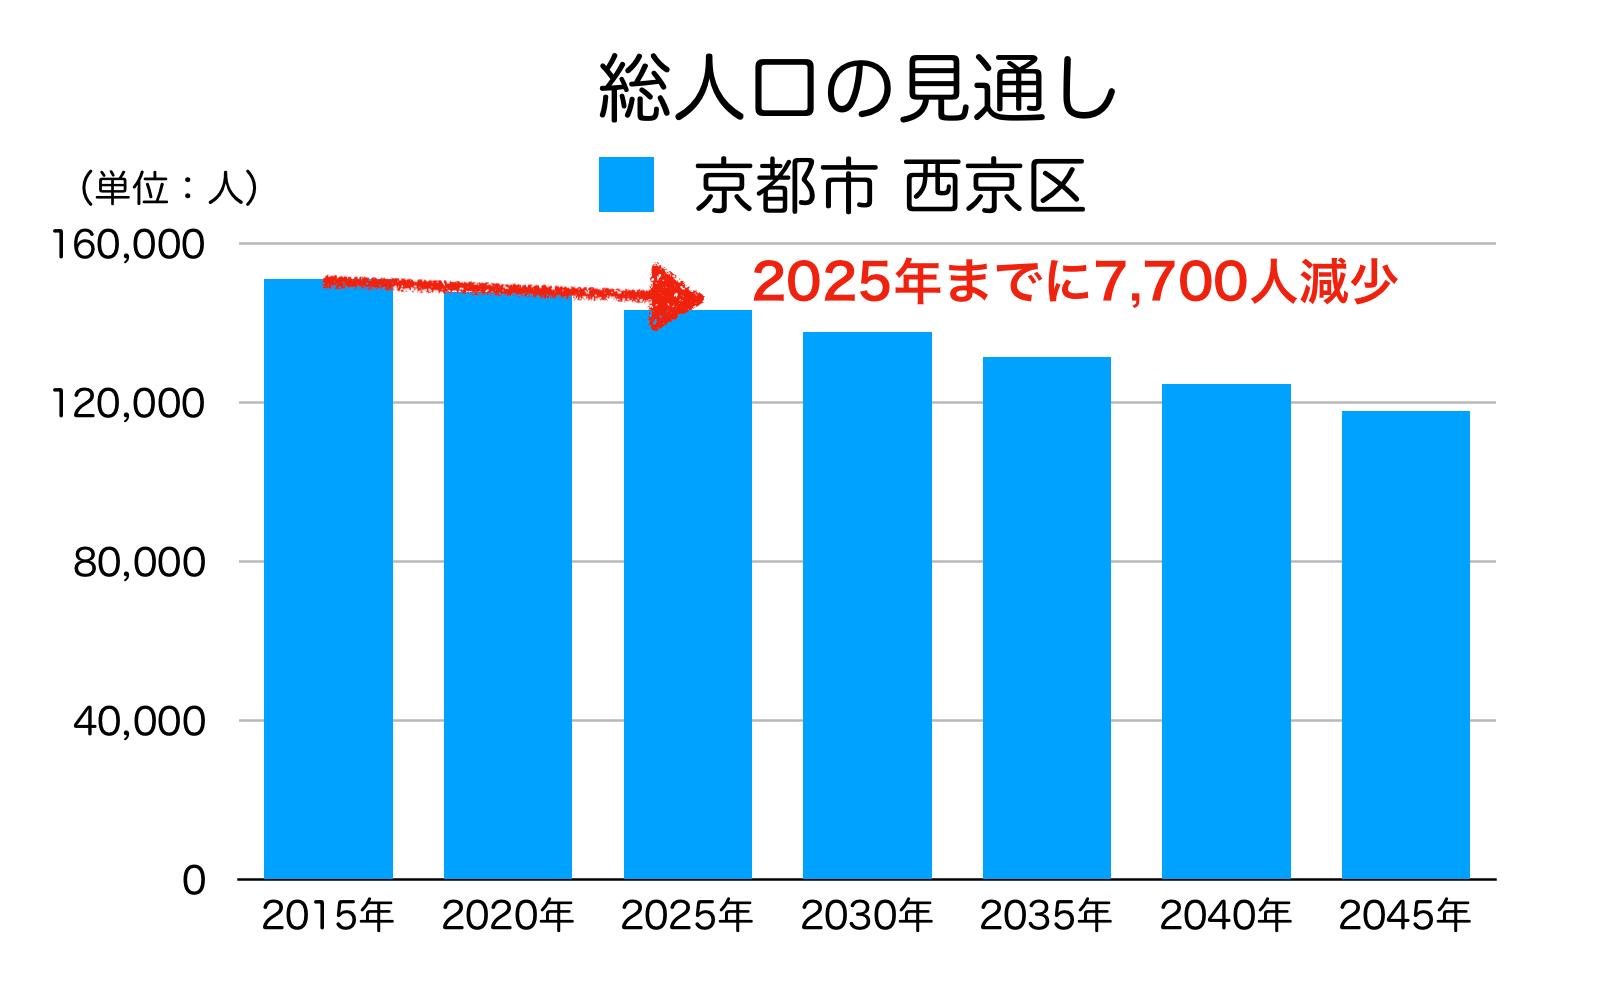 京都市西京区の人口予測